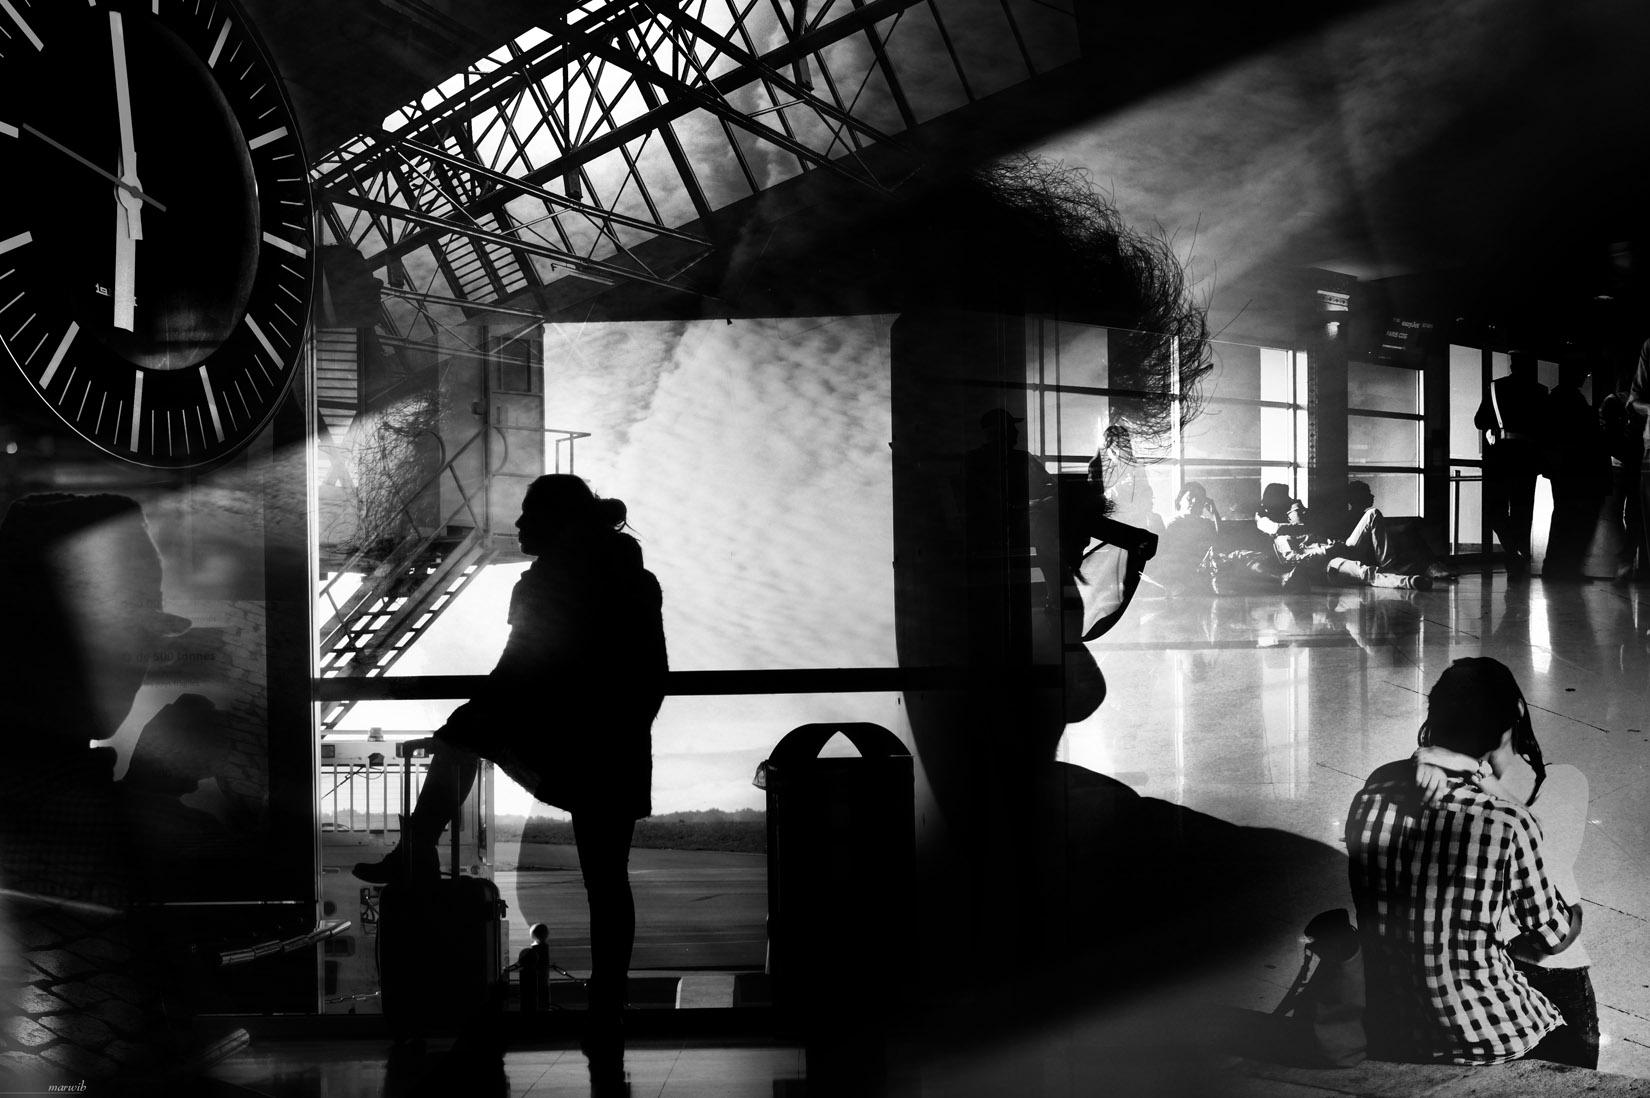 Passagers en attente de voyage : photomontage en noir et blanc